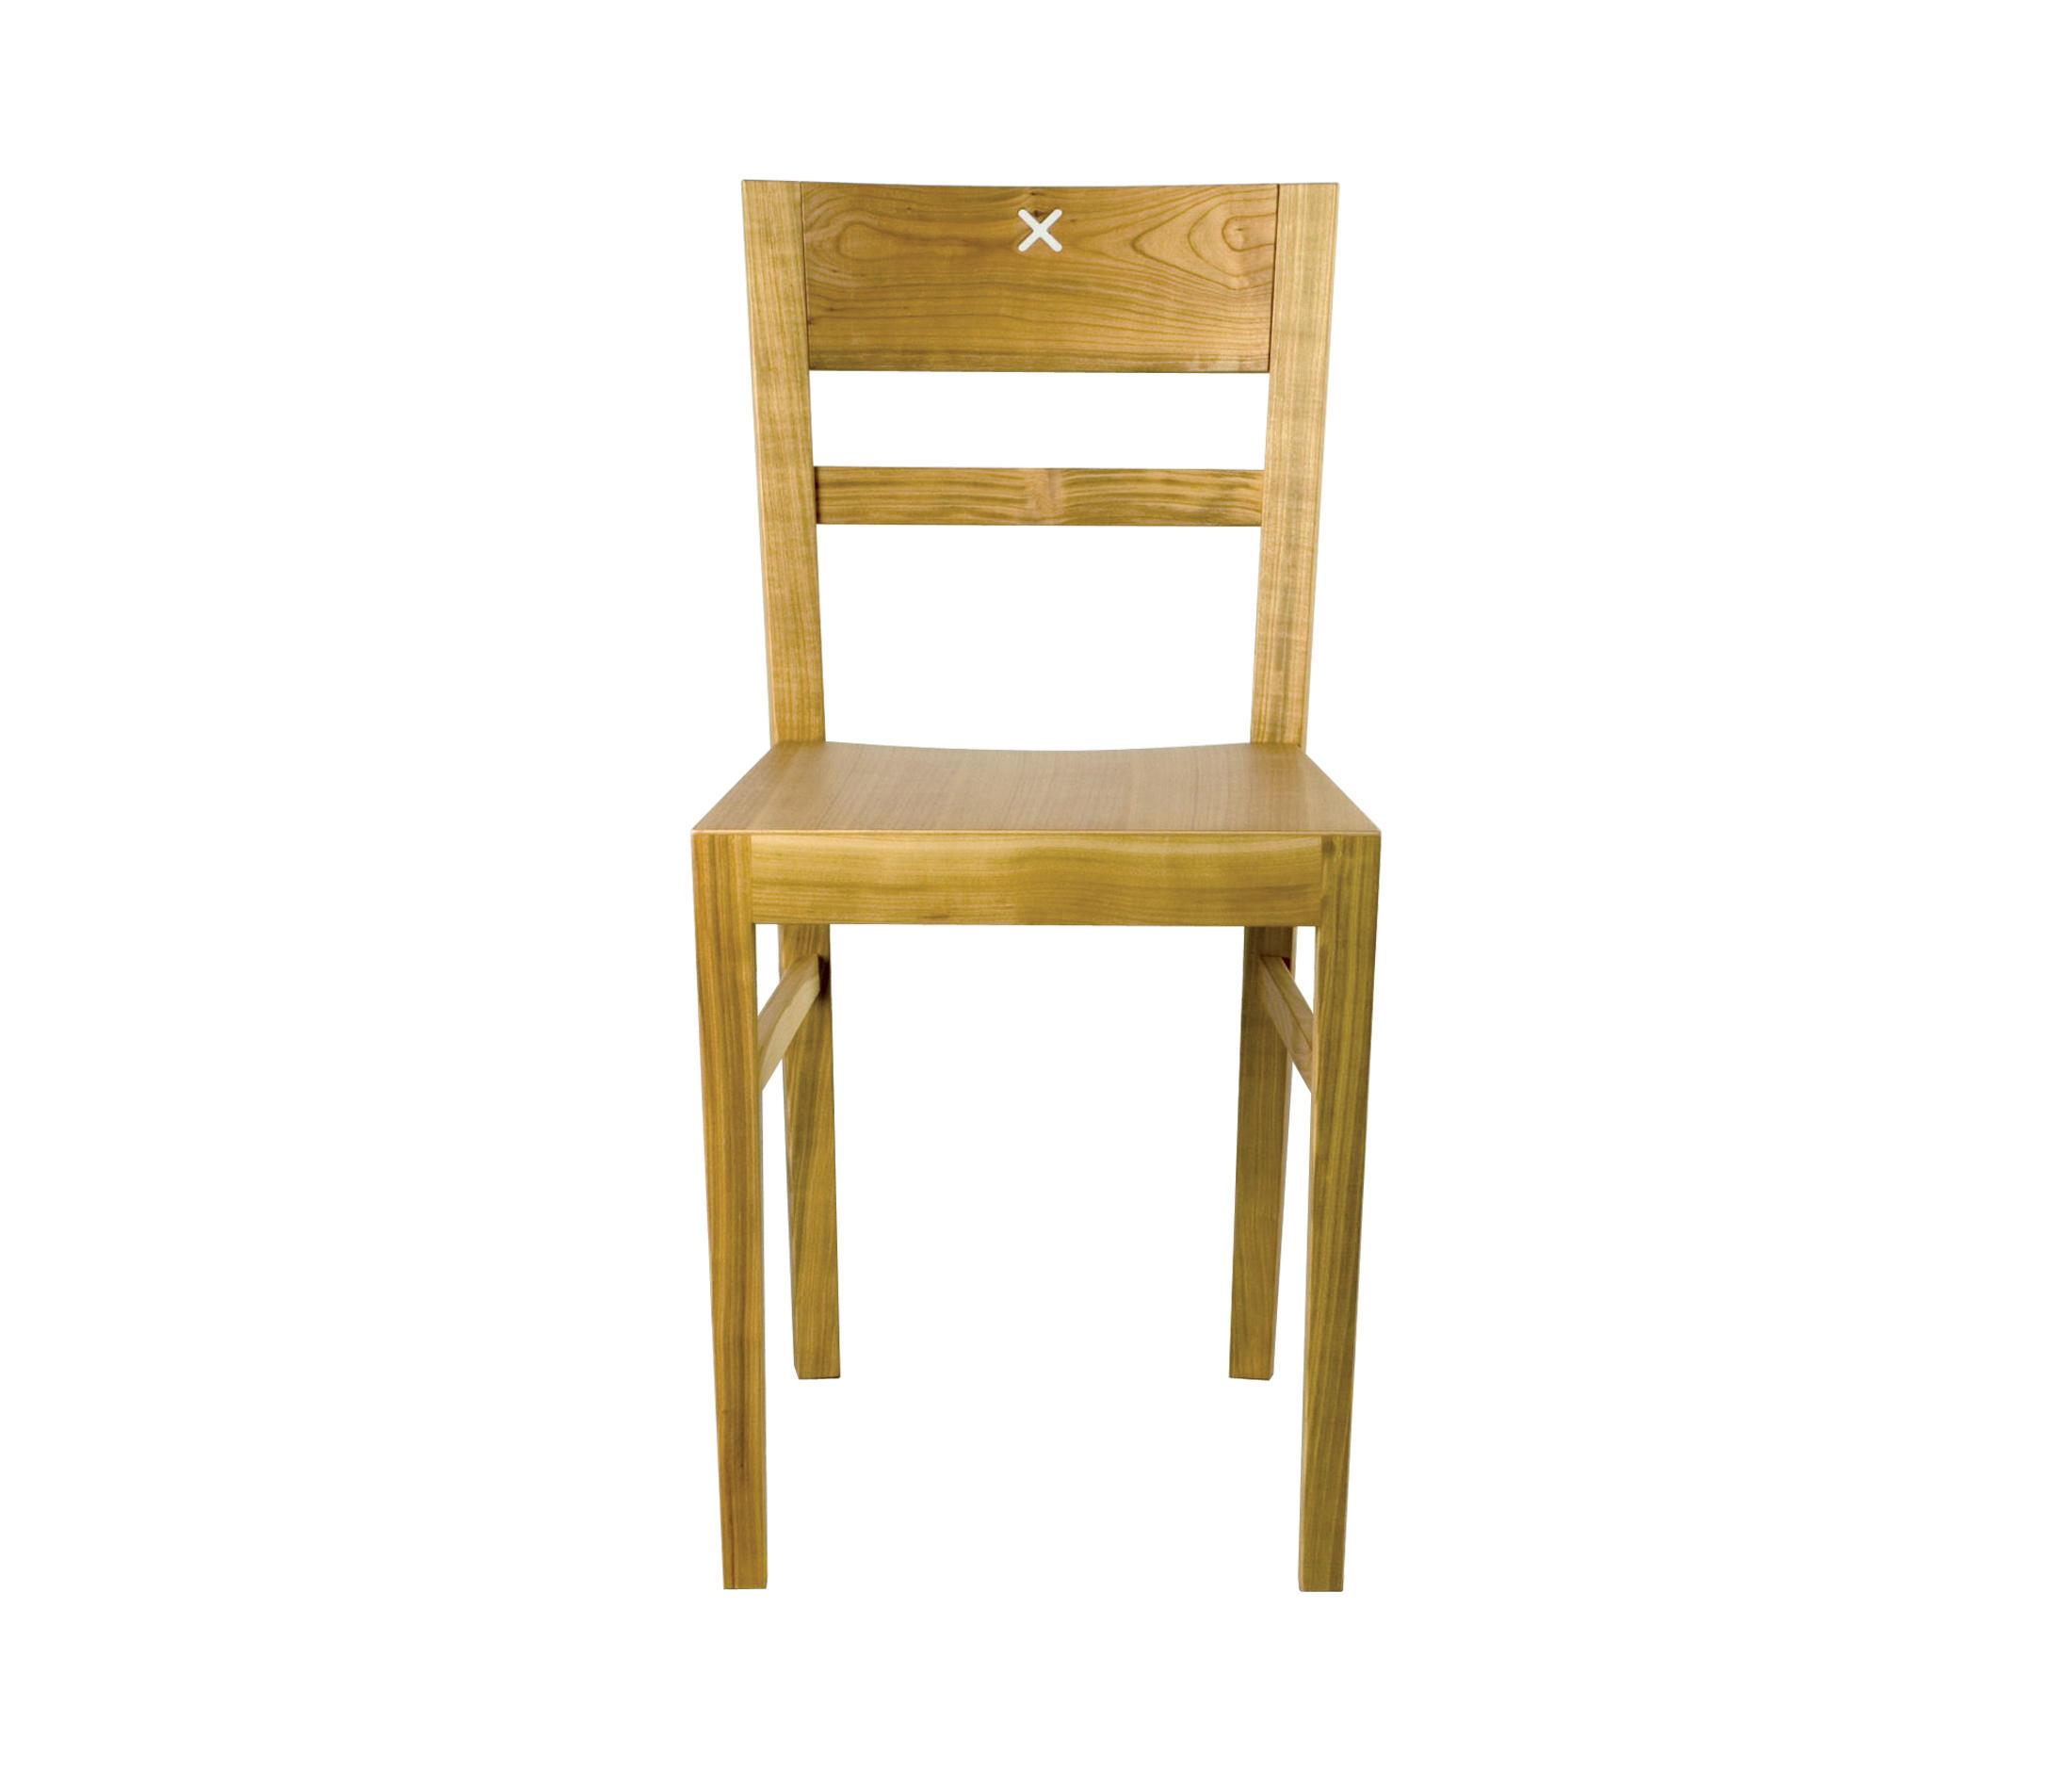 Segno sedia sedie bedont architonic for Rivenditori sedie